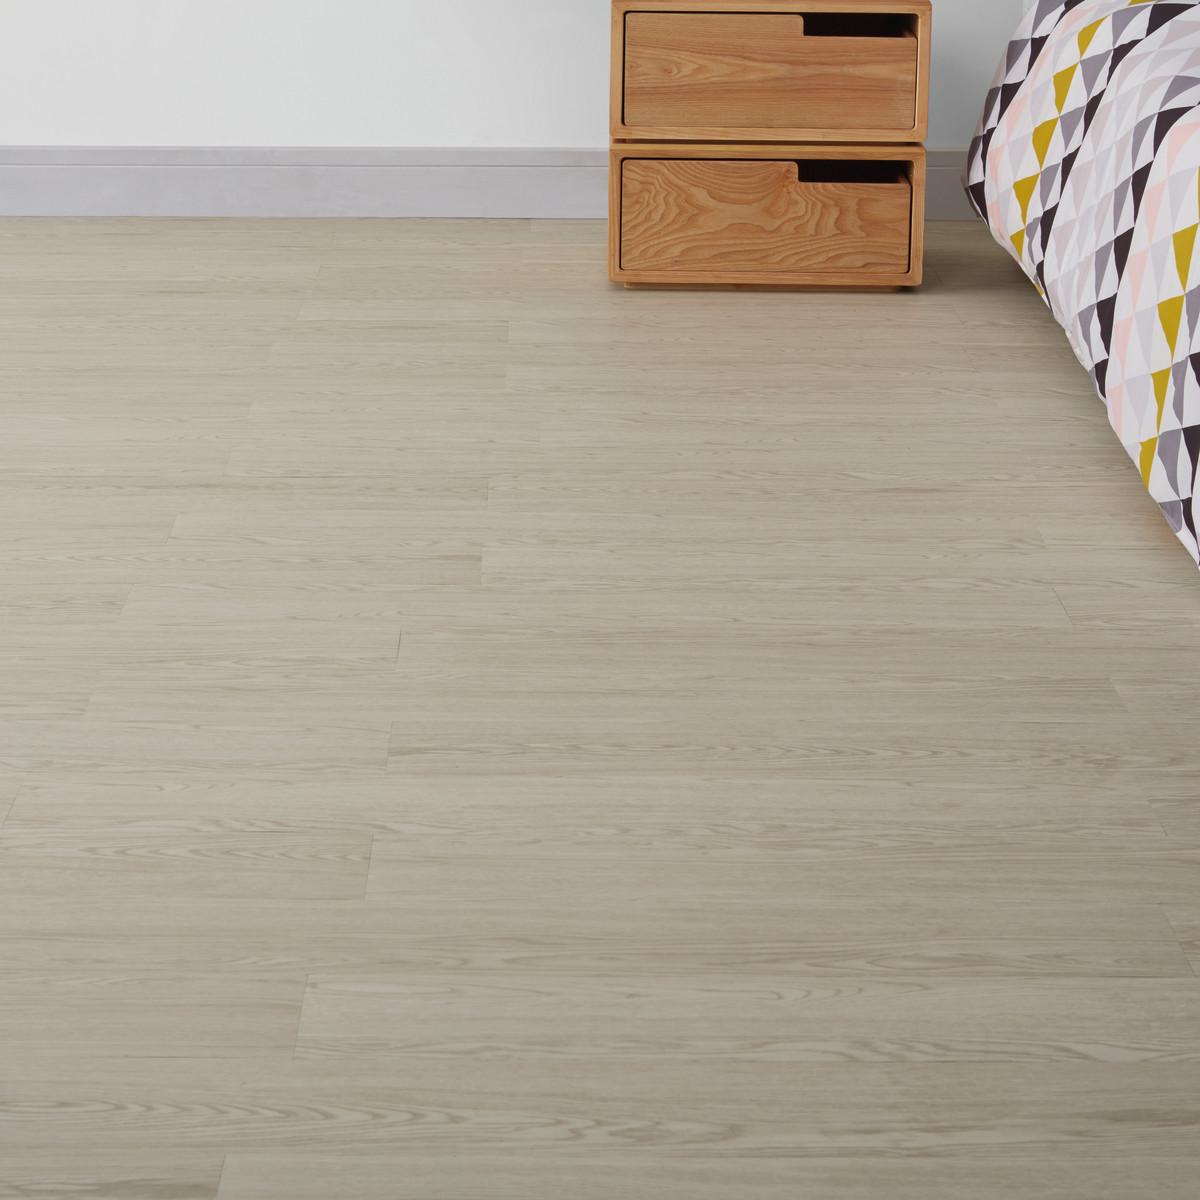 Pavimenti in pvc effetto legno prezzi pavimenti pvc - Parquet laminato ikea o leroy merlin ...